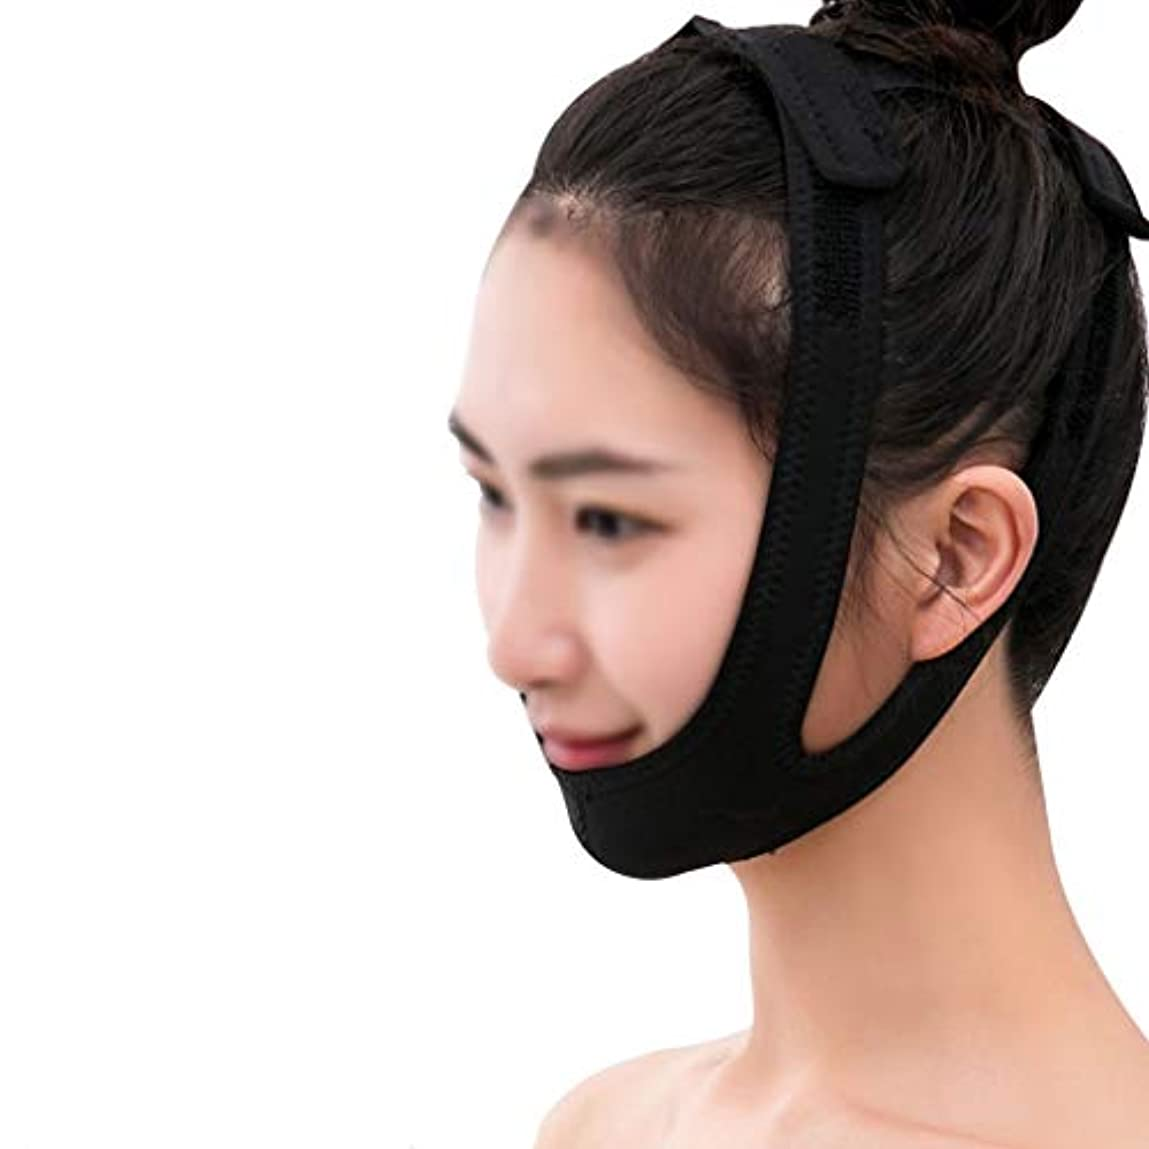 舌な日食爵XHLMRMJ フェイシャルリフティングマスク、医療用ワイヤーカービングリカバリーヘッドギアVフェイス包帯ダブルチンフェイスリフトマスク